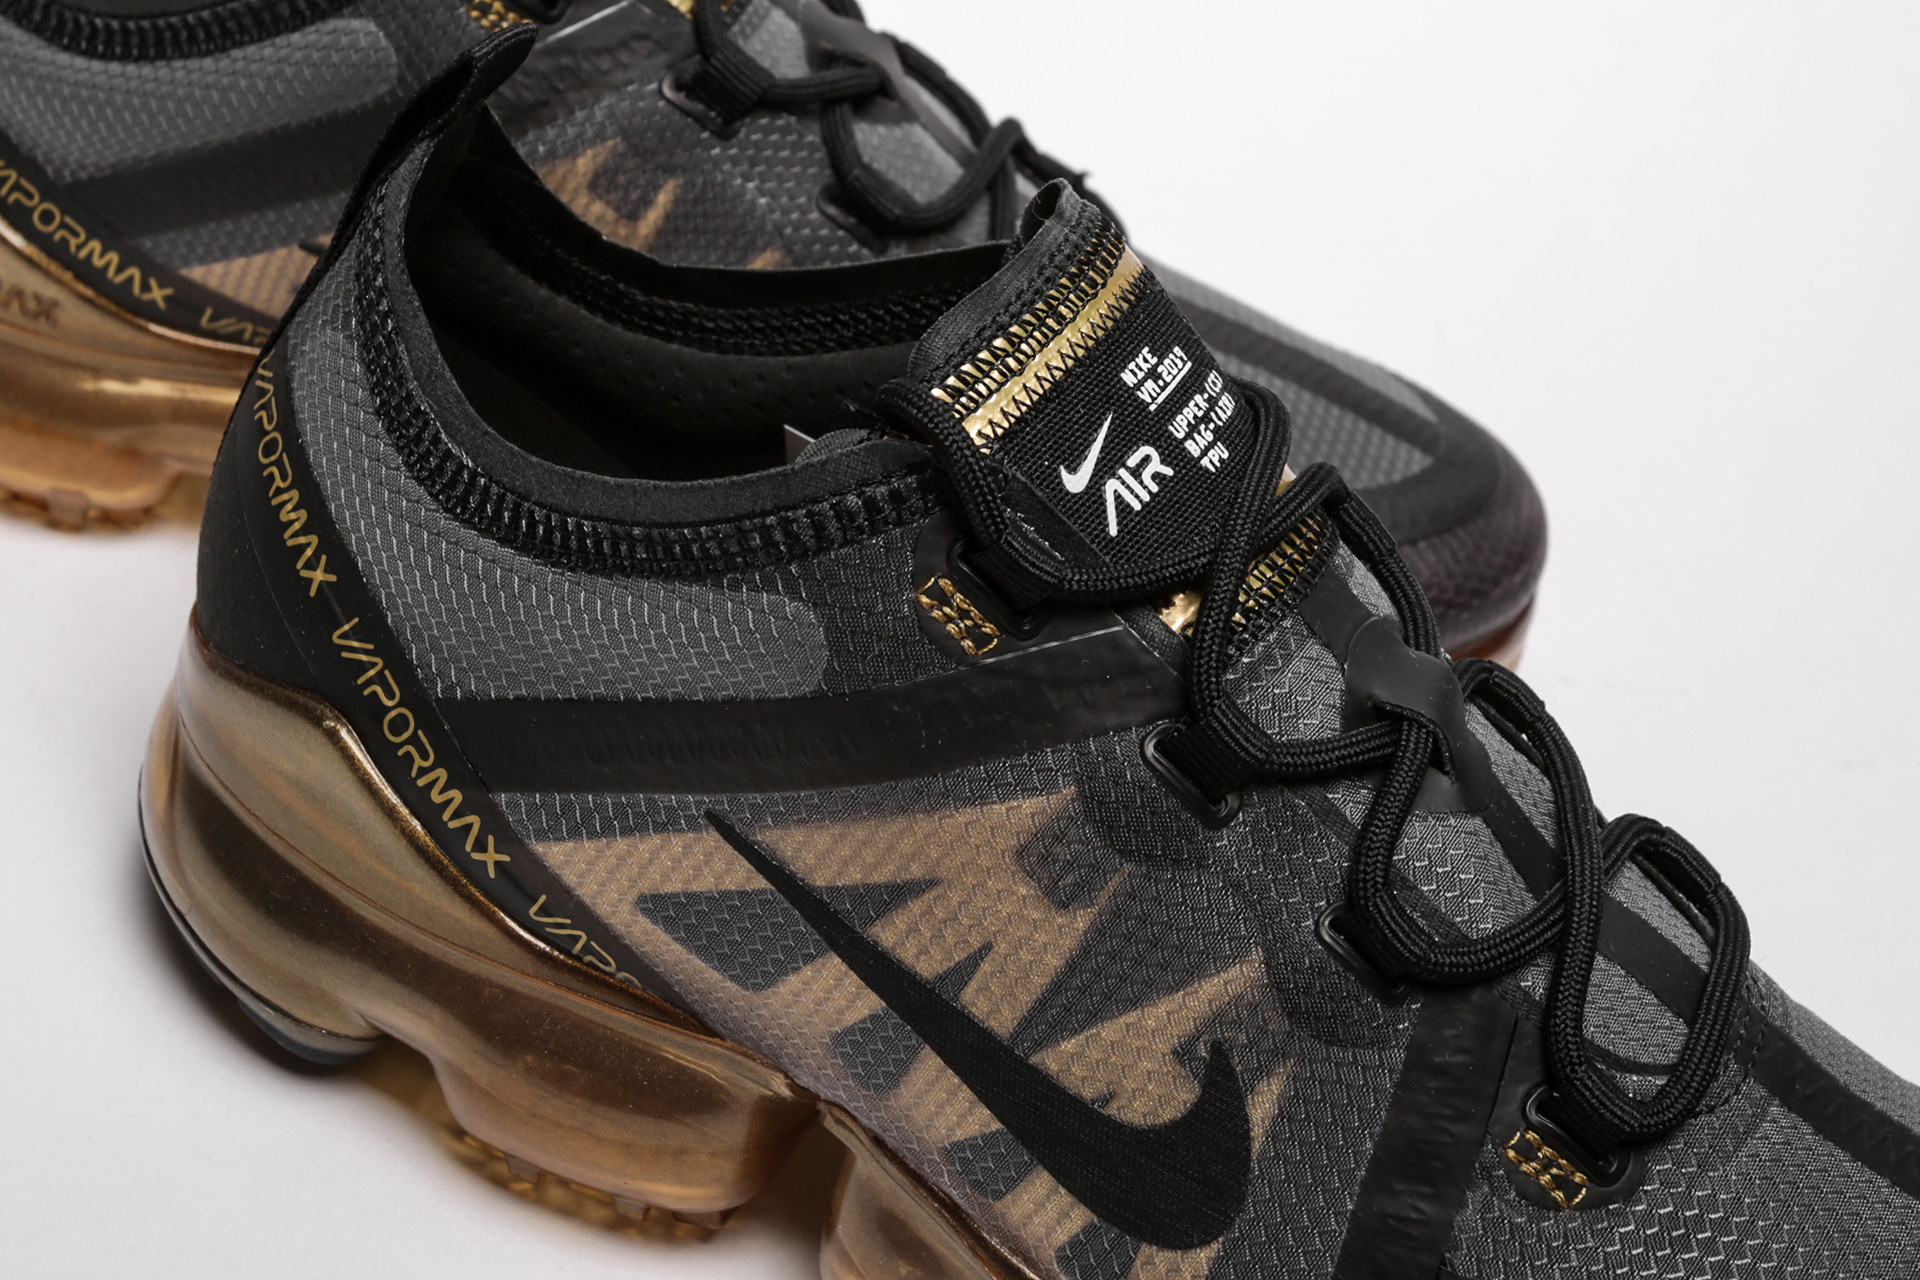 6812add6 ... Купить мужские черные кроссовки Nike Air Vapormax 2019 - фото 2  картинки ...